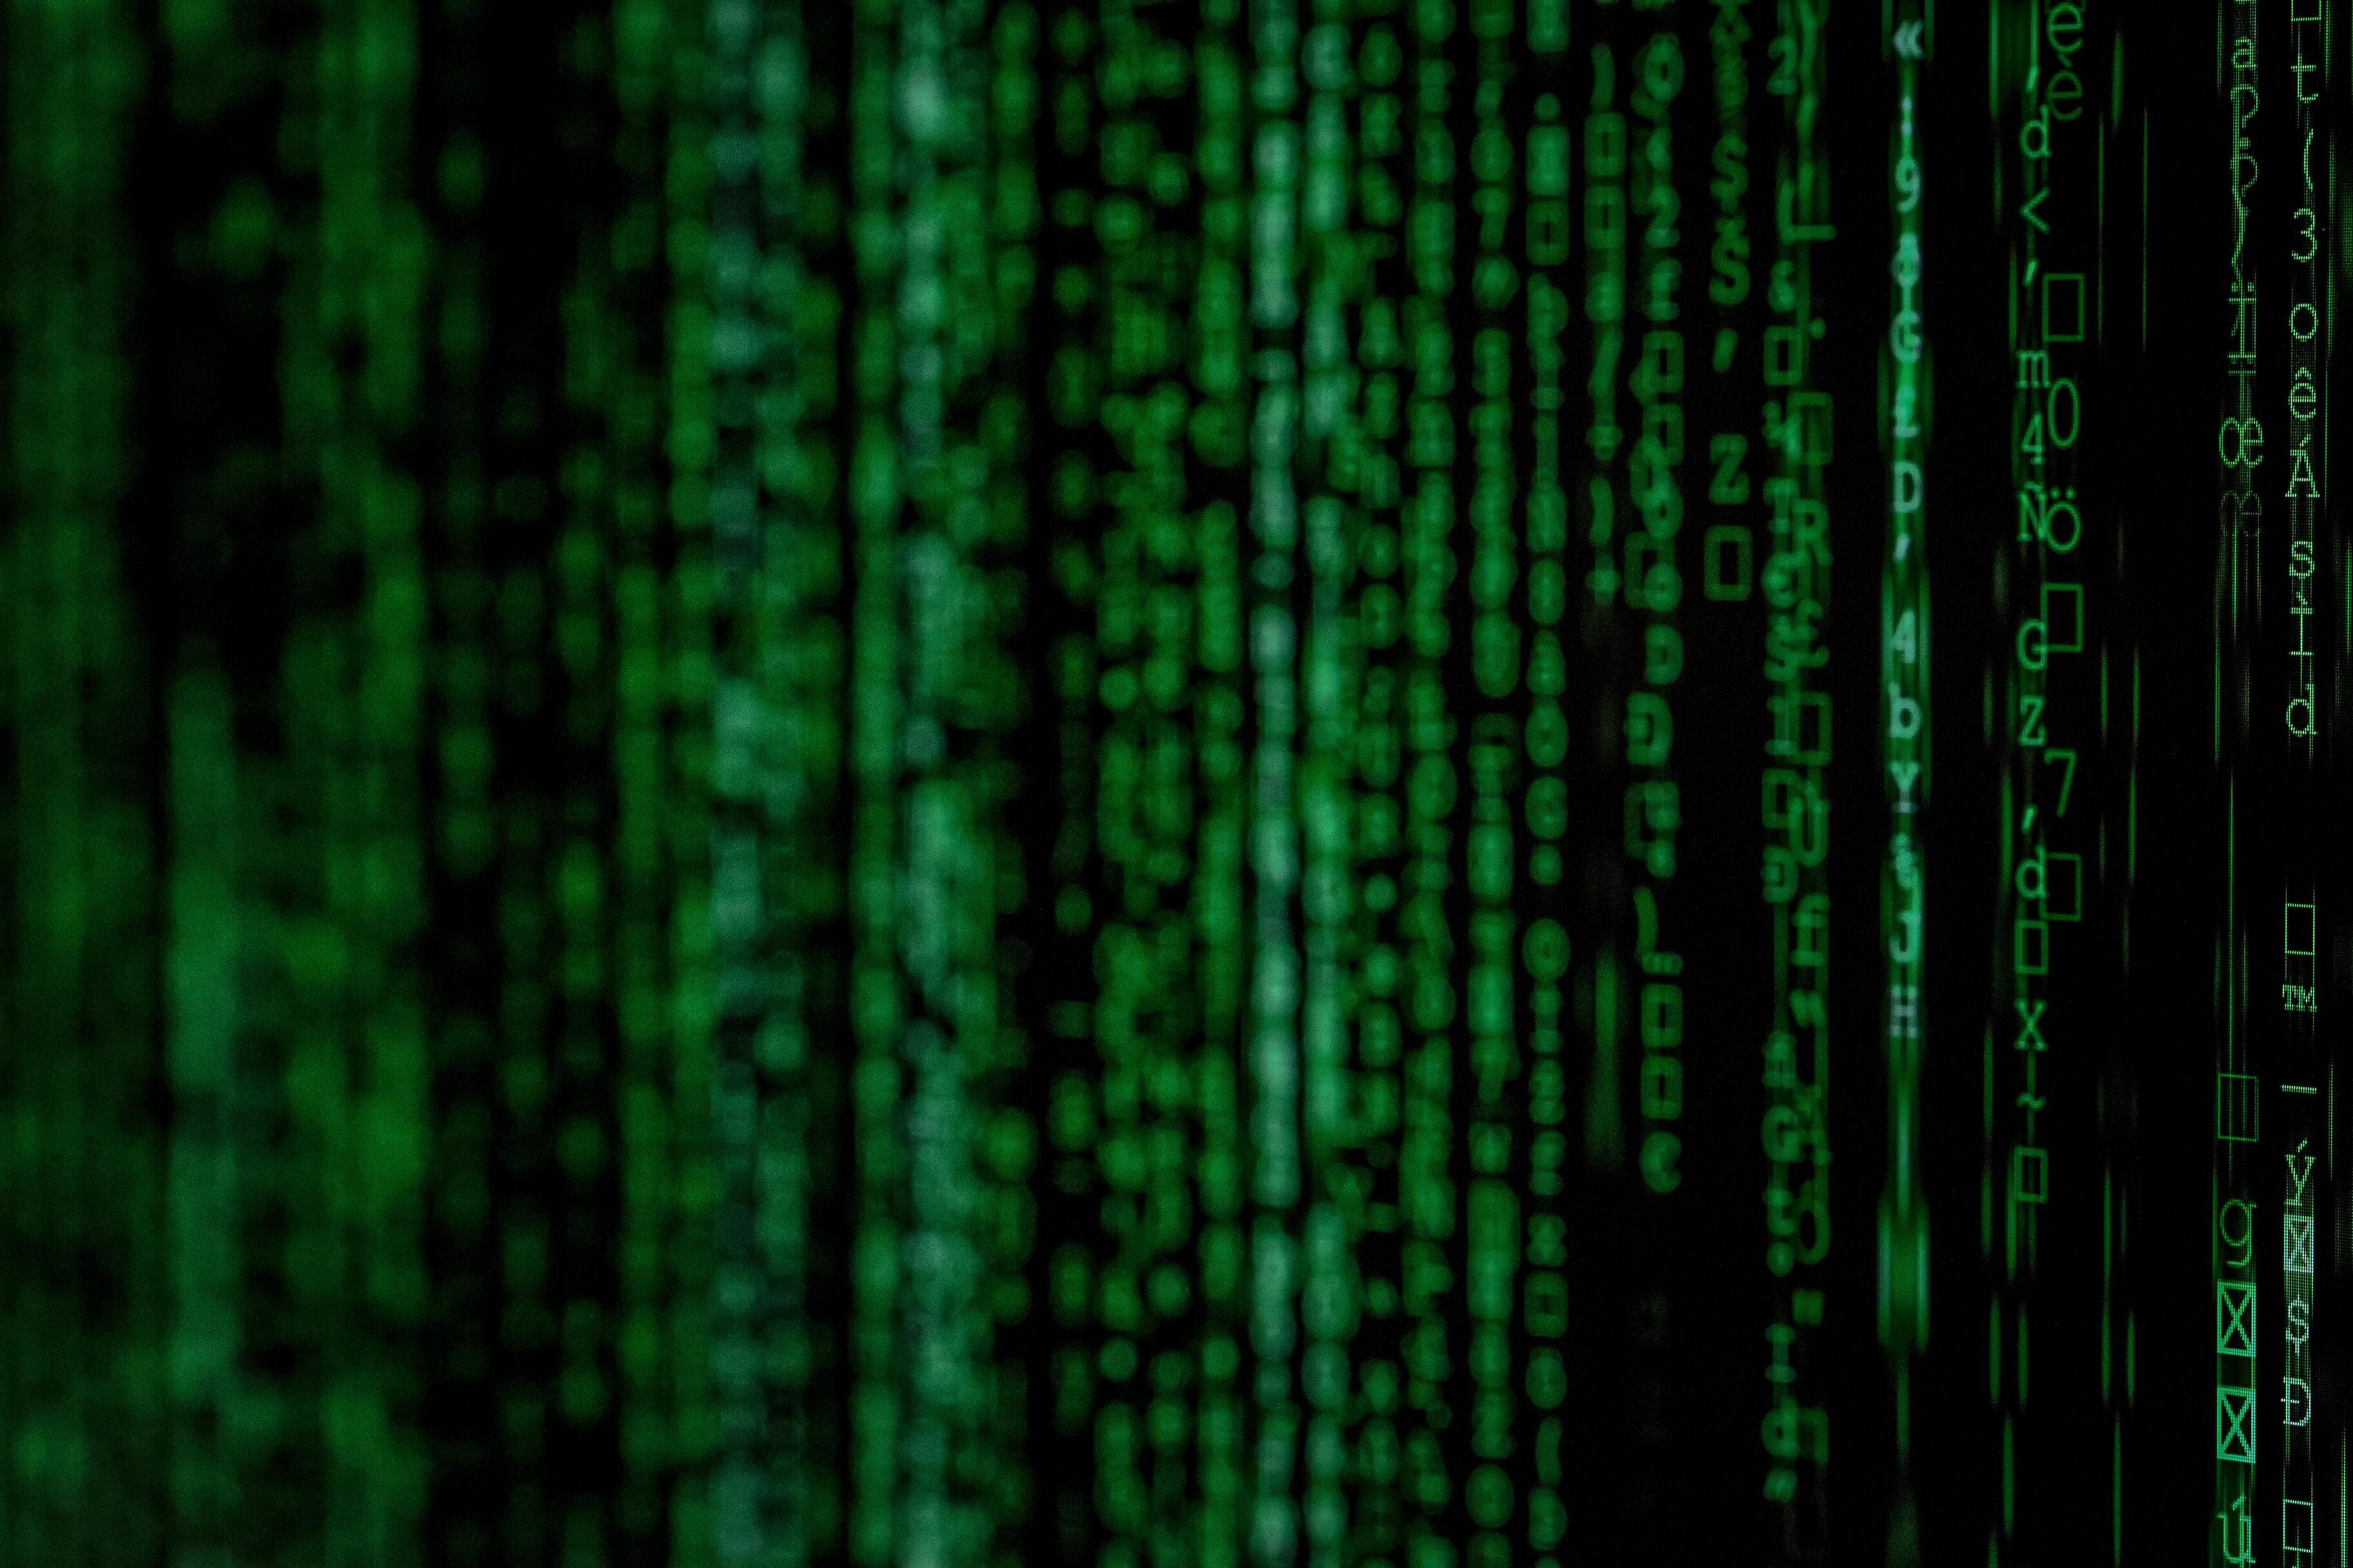 Эксперты назвали вероятный источник хакерских атак на Россию